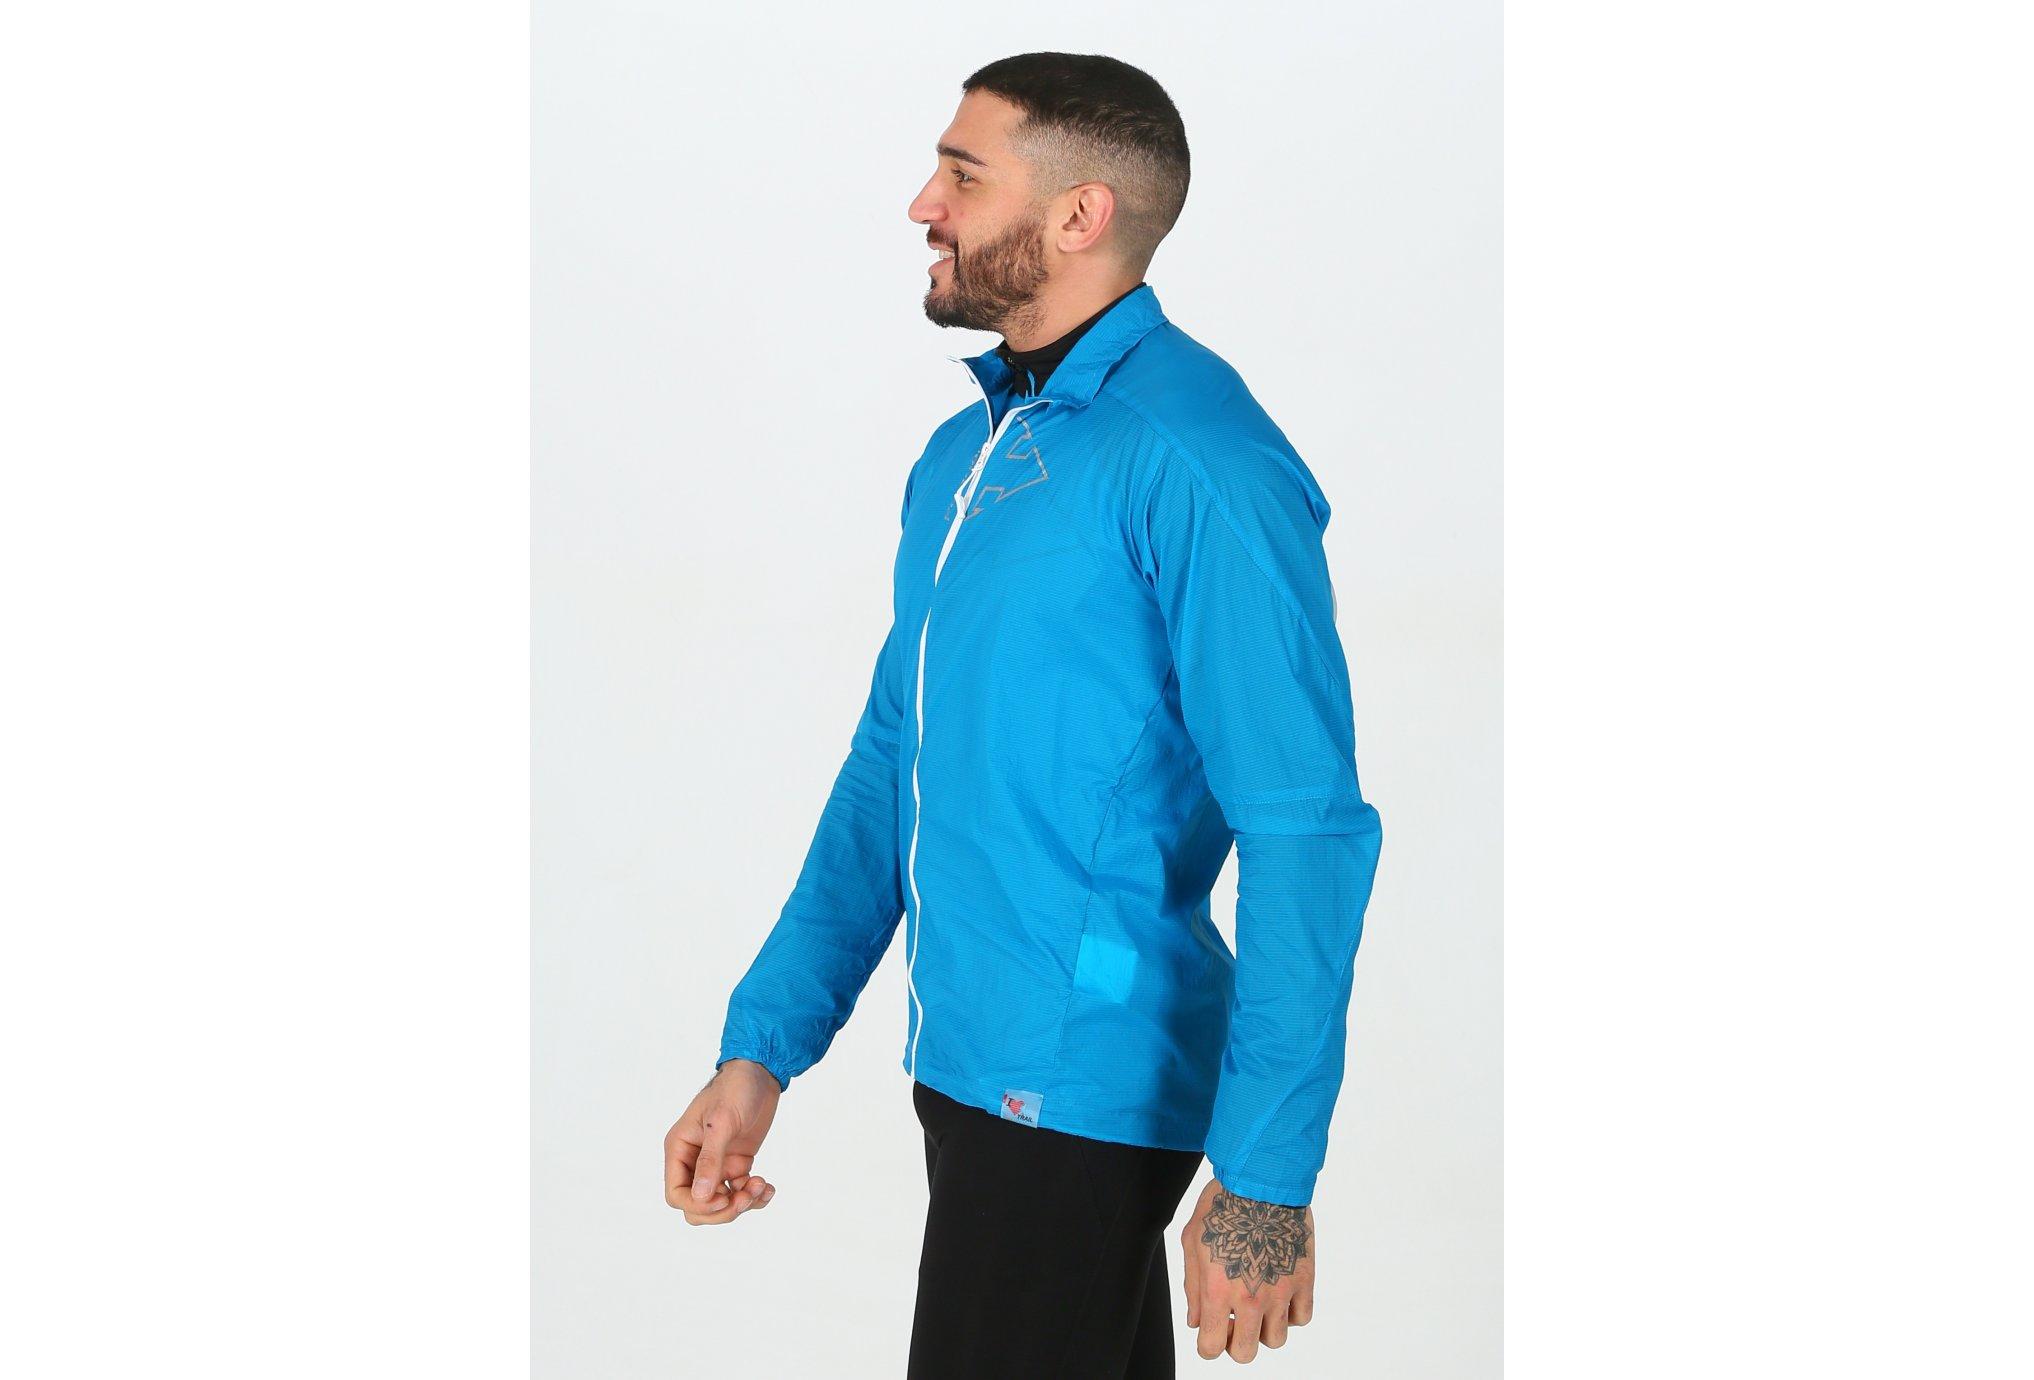 Raidlight Ultralight M Diététique Vêtements homme